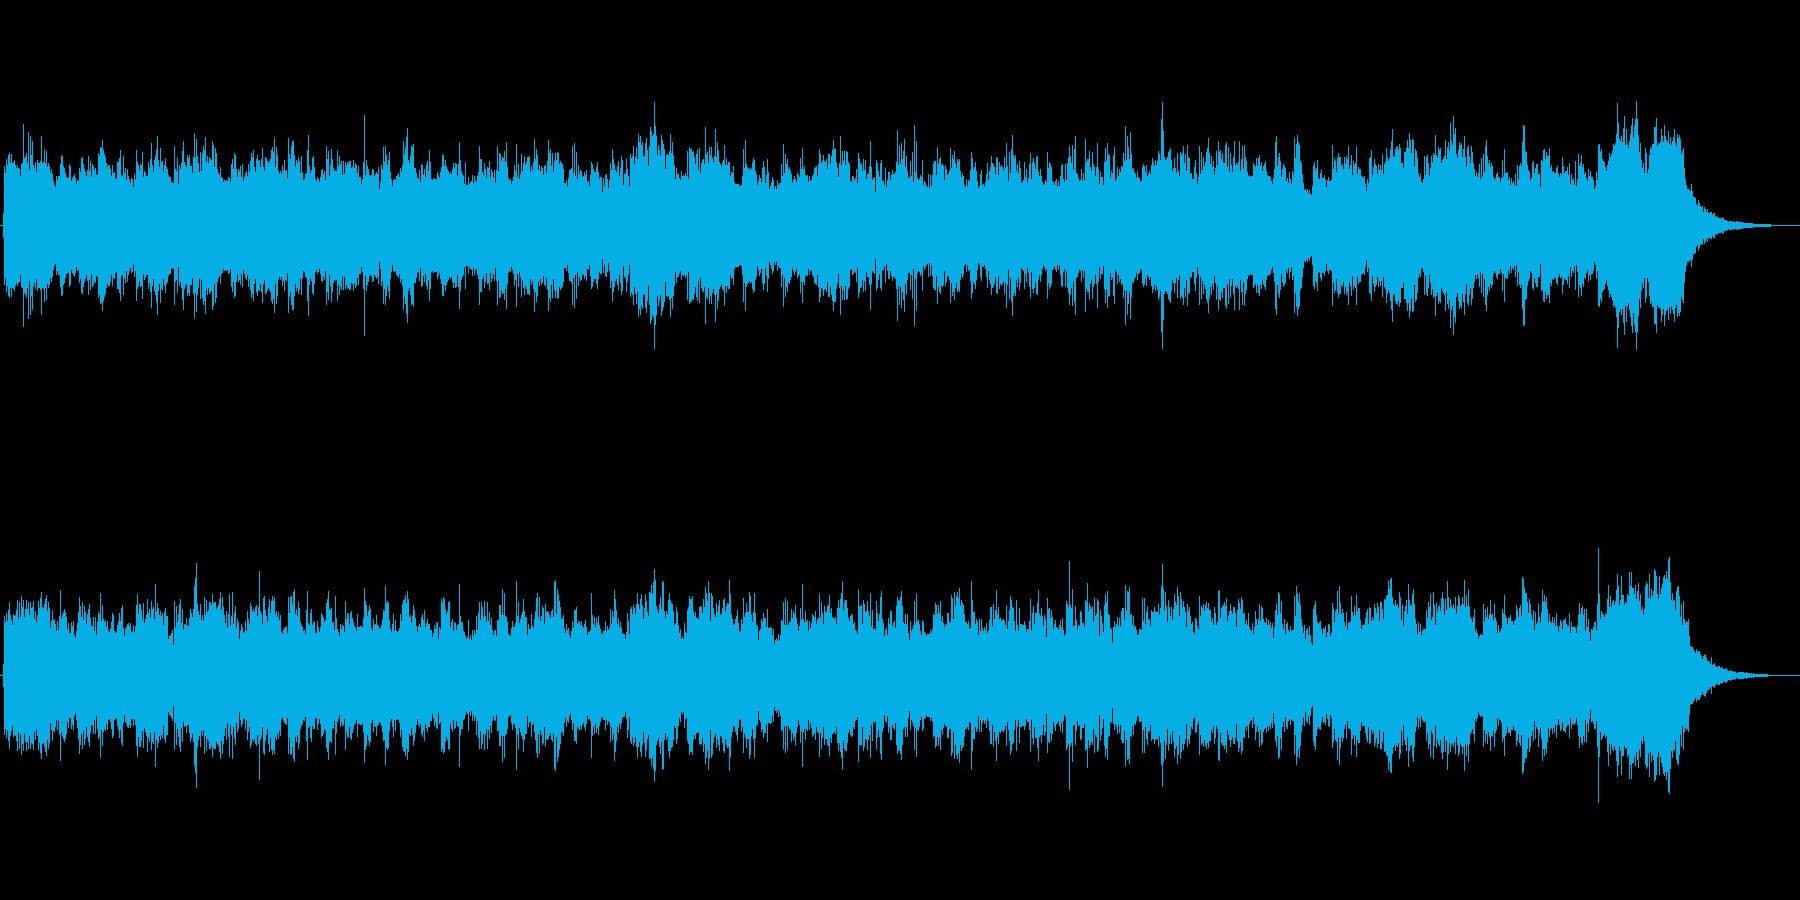 映画に出てくるオーケストラサウンドの再生済みの波形